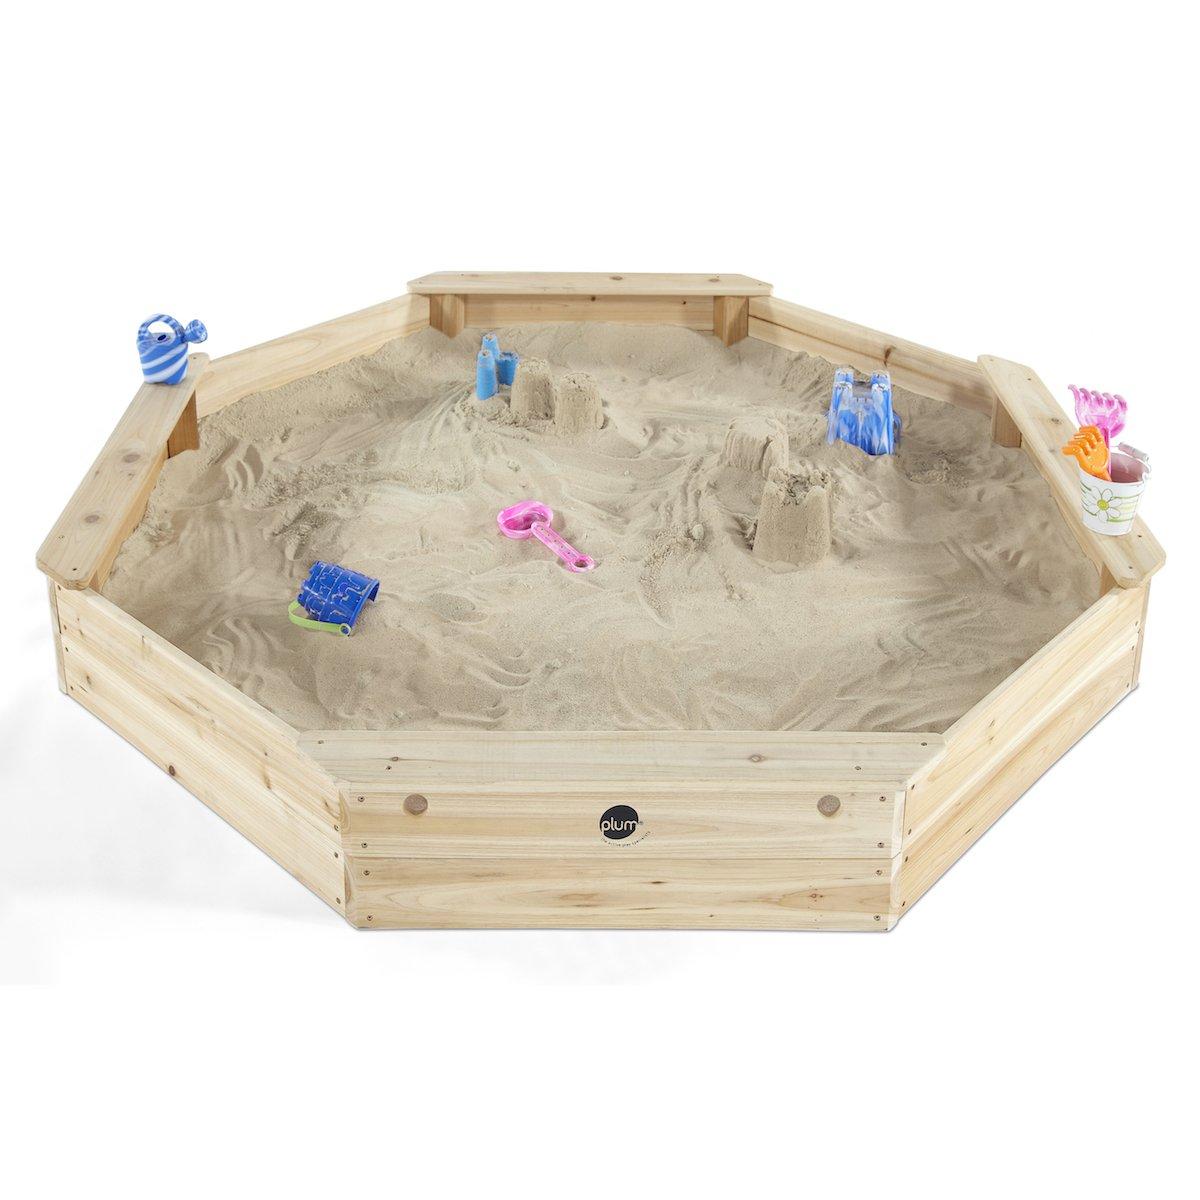 Plum - 25058  - Jeu de plein air - Bac à sable octogonal géant en bois